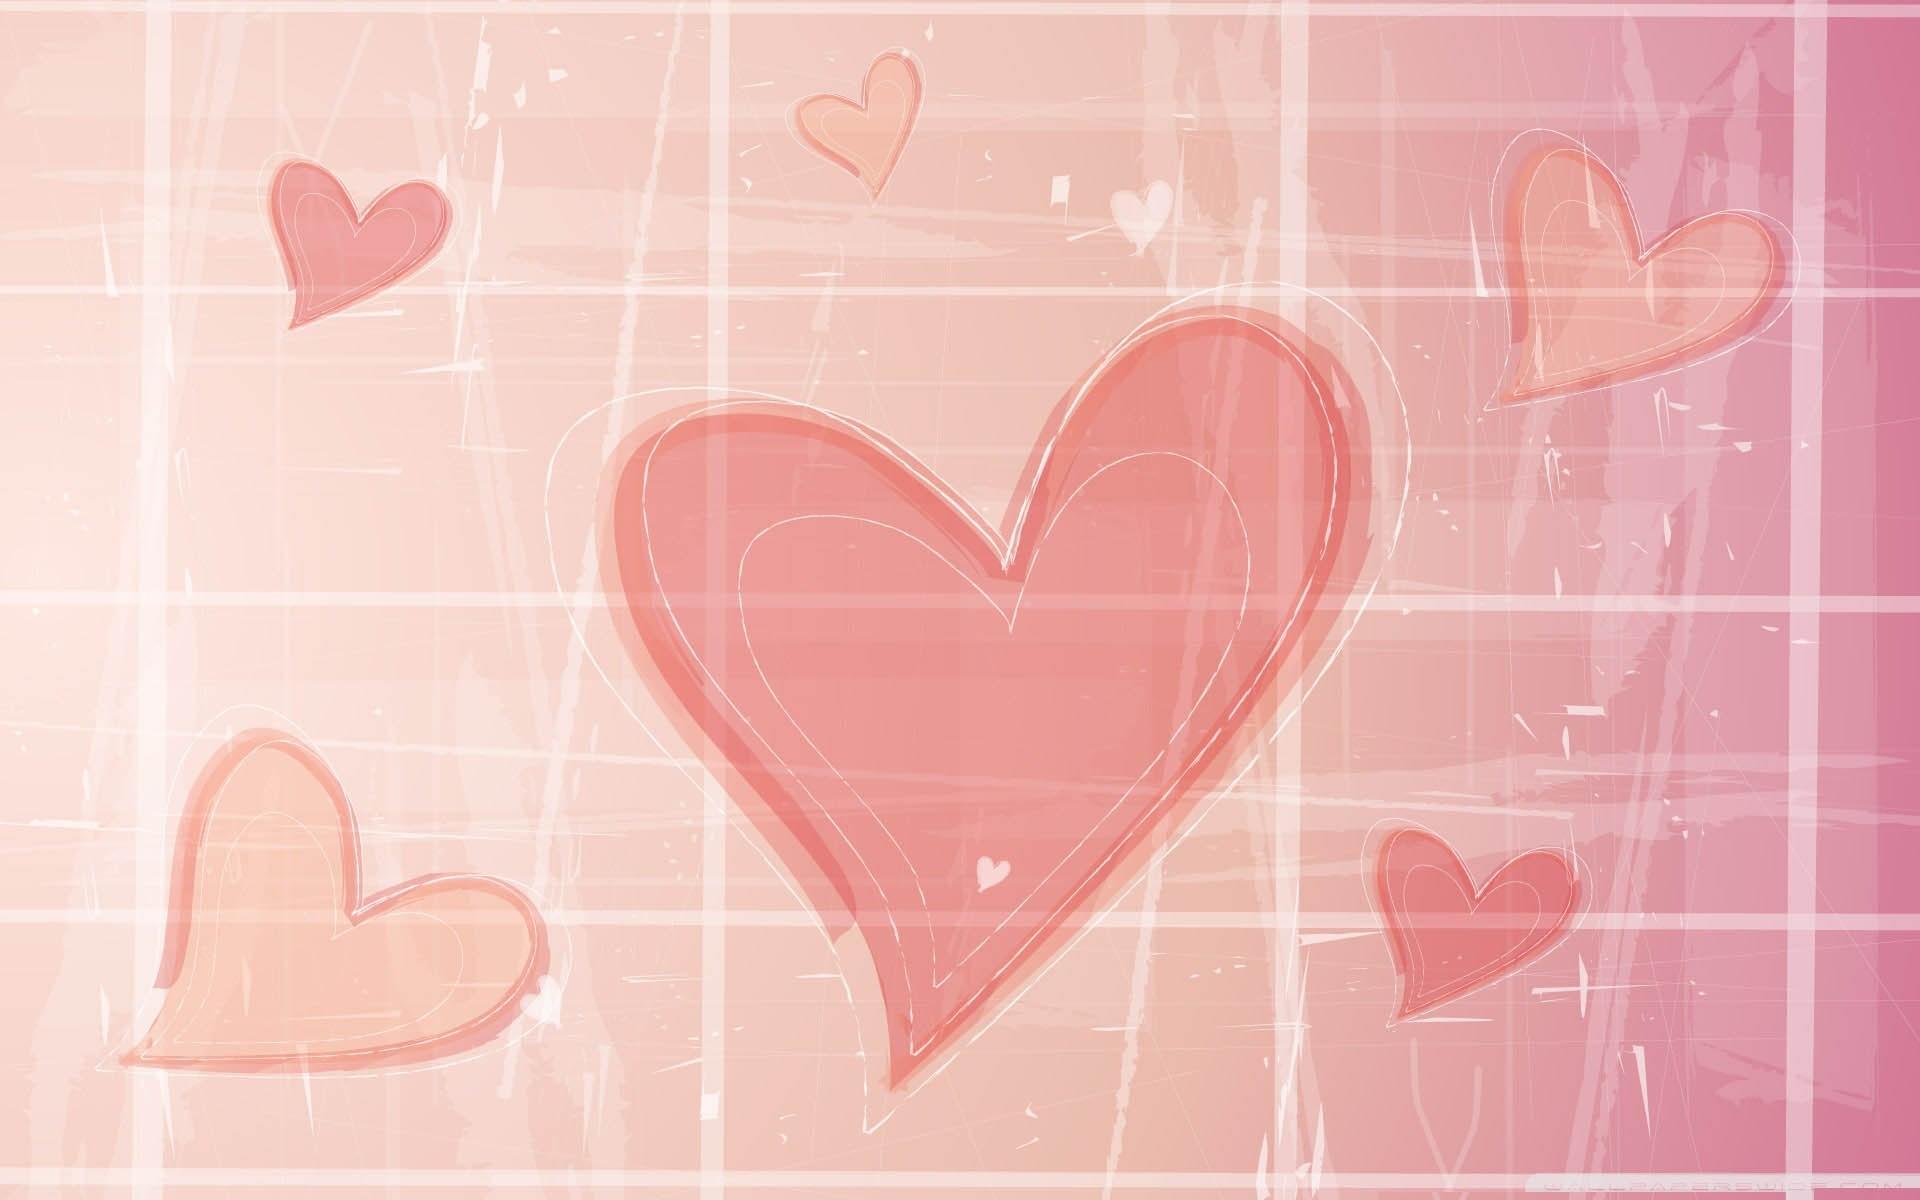 صور قلوب وحب ورومانسية وصورة قلب HD  (23)